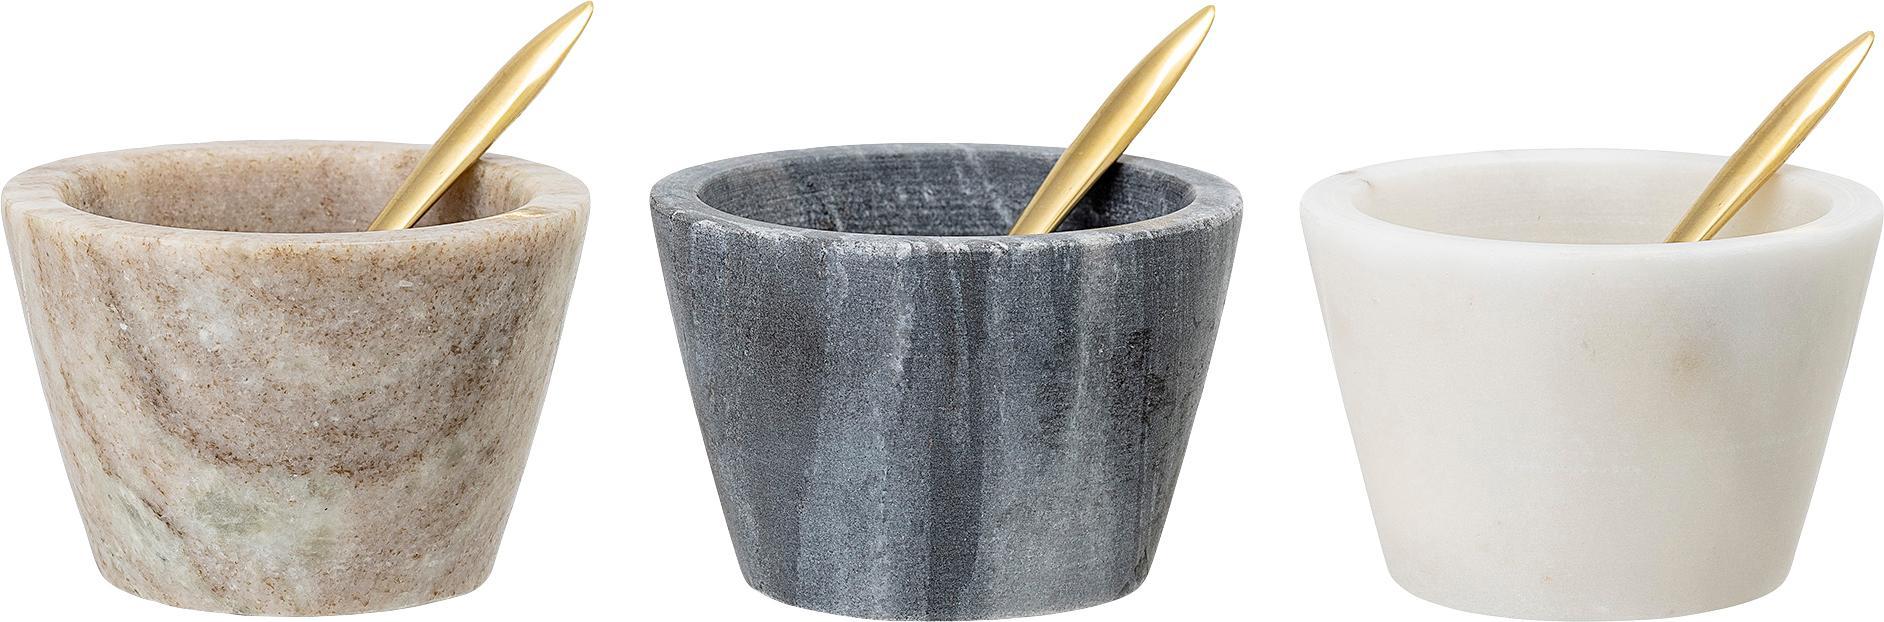 Marmor-Schälchen-Set Janina, 6-tlg., Schälchen: Marmor, Mehrfarbig, Ø 8 x H 5 cm